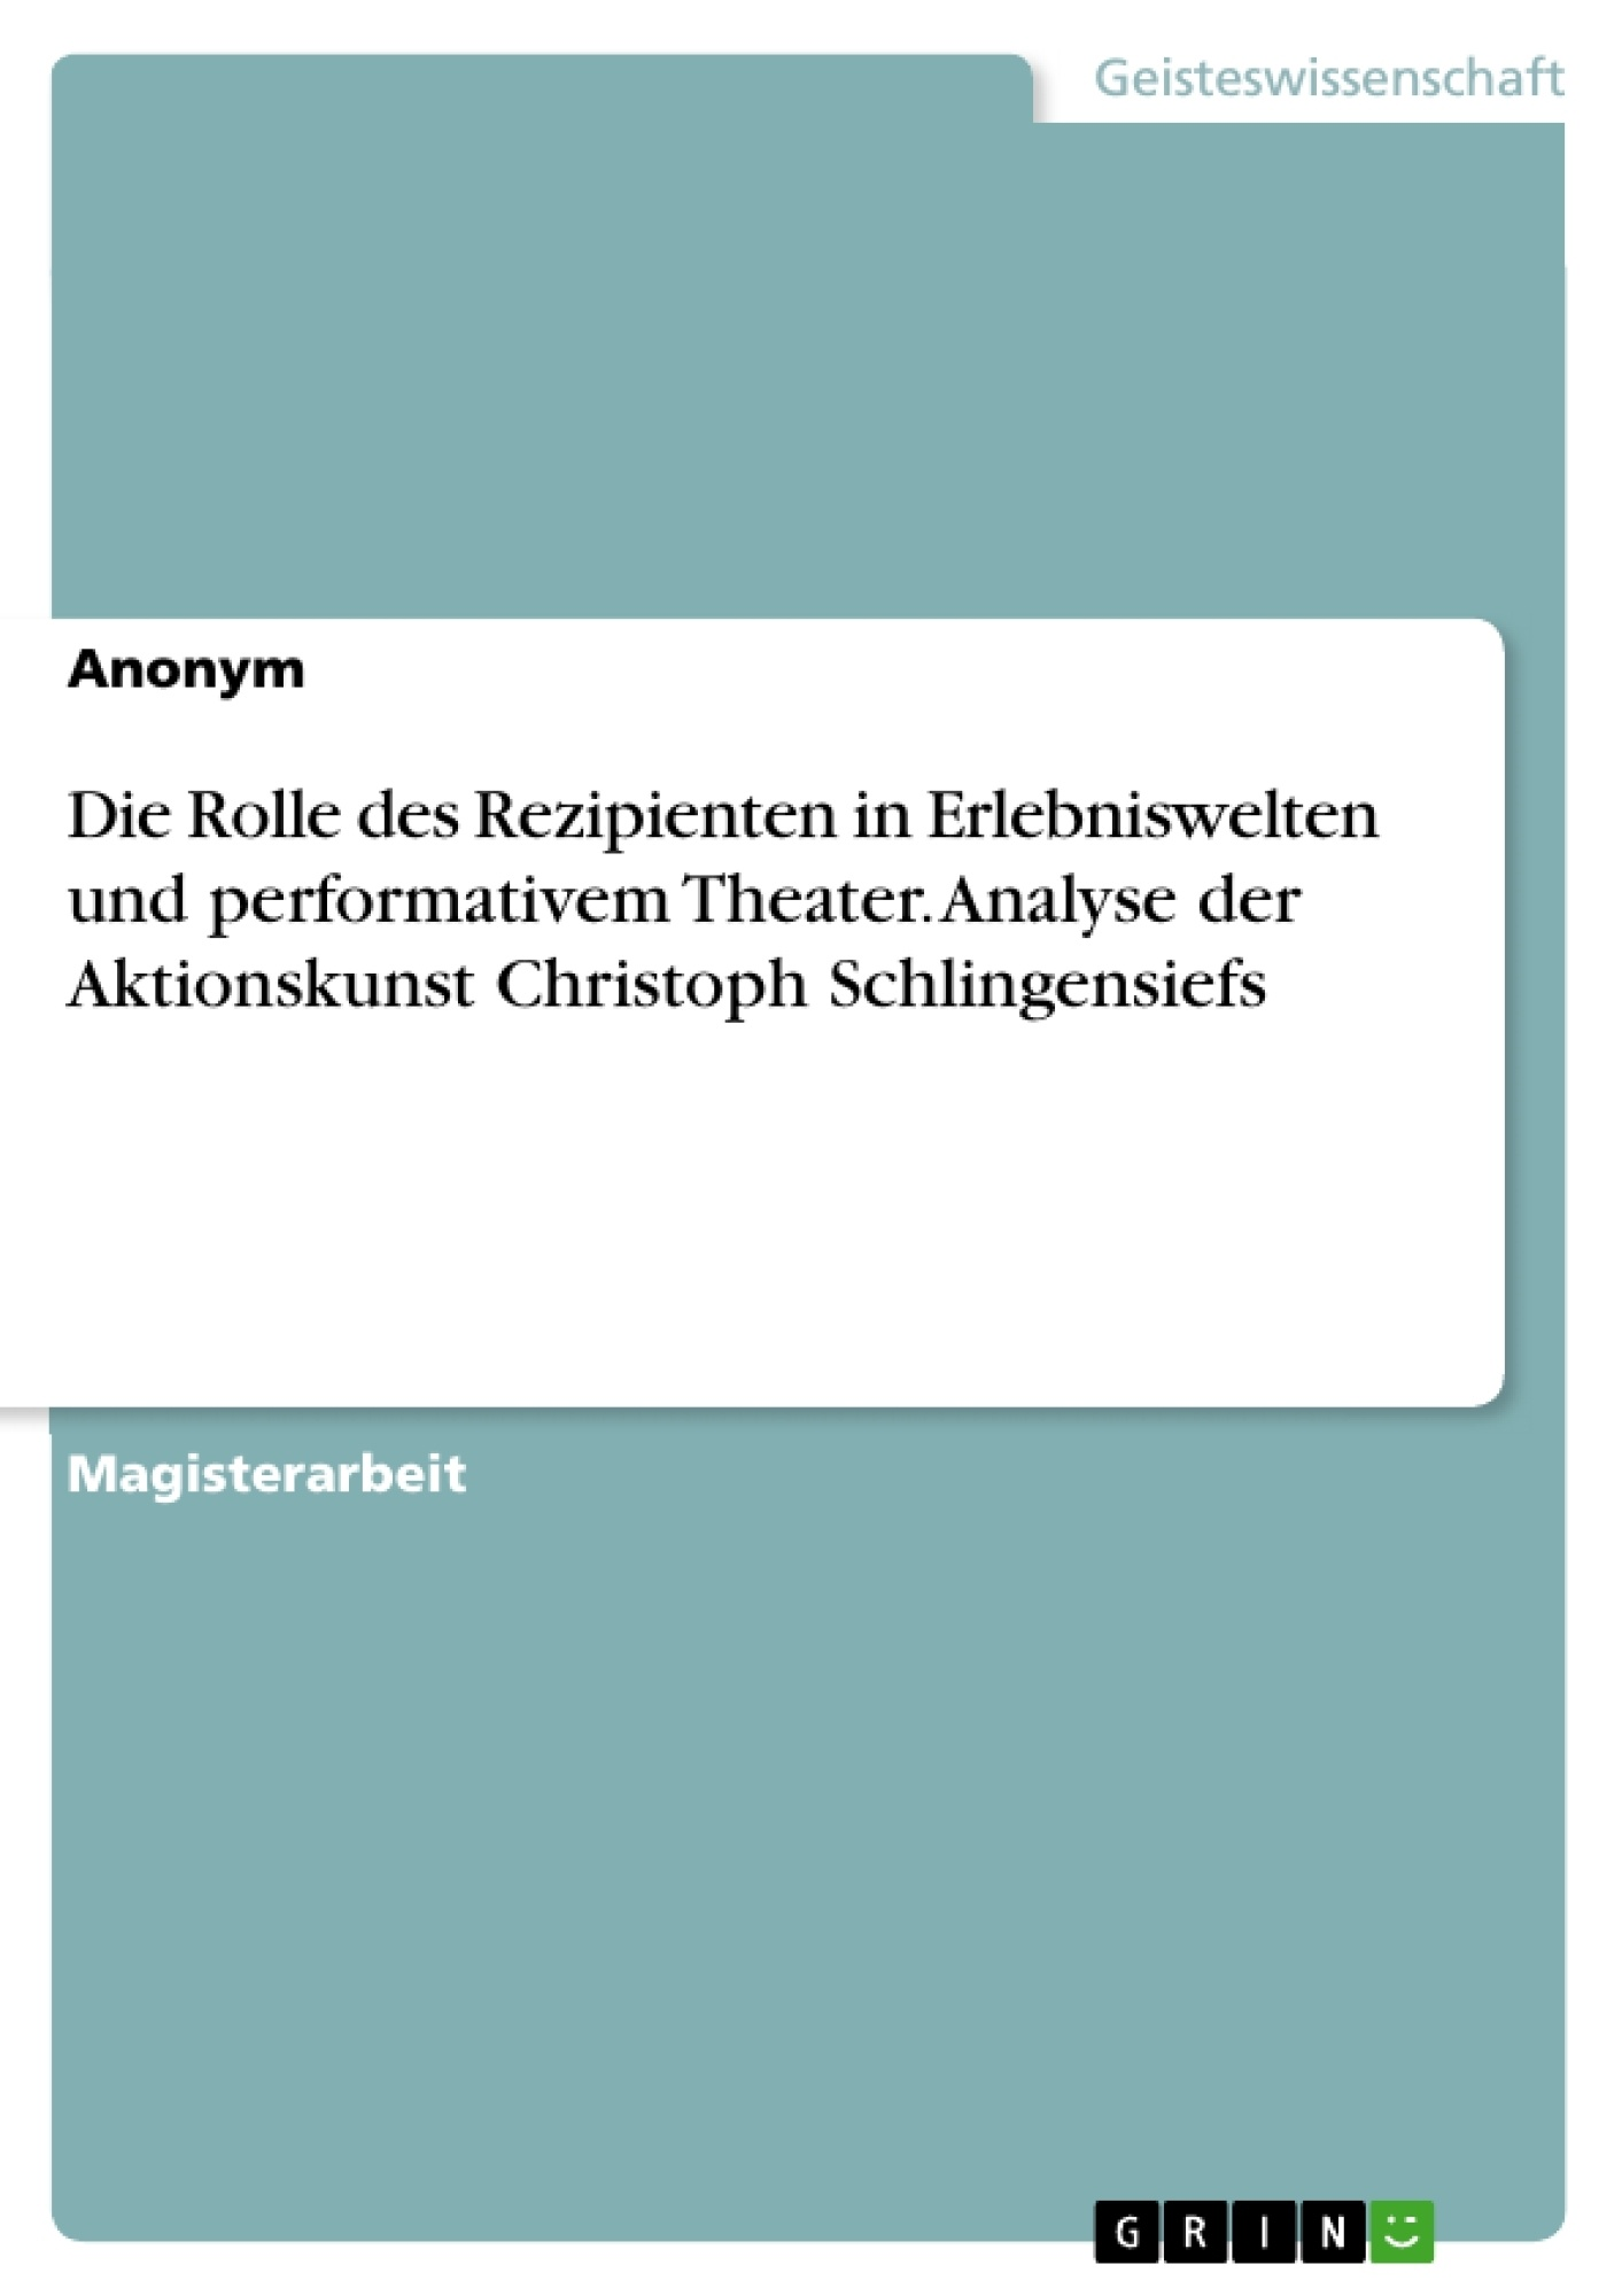 Titel: Die Rolle des Rezipienten in Erlebniswelten und performativem Theater. Analyse der Aktionskunst Christoph Schlingensiefs